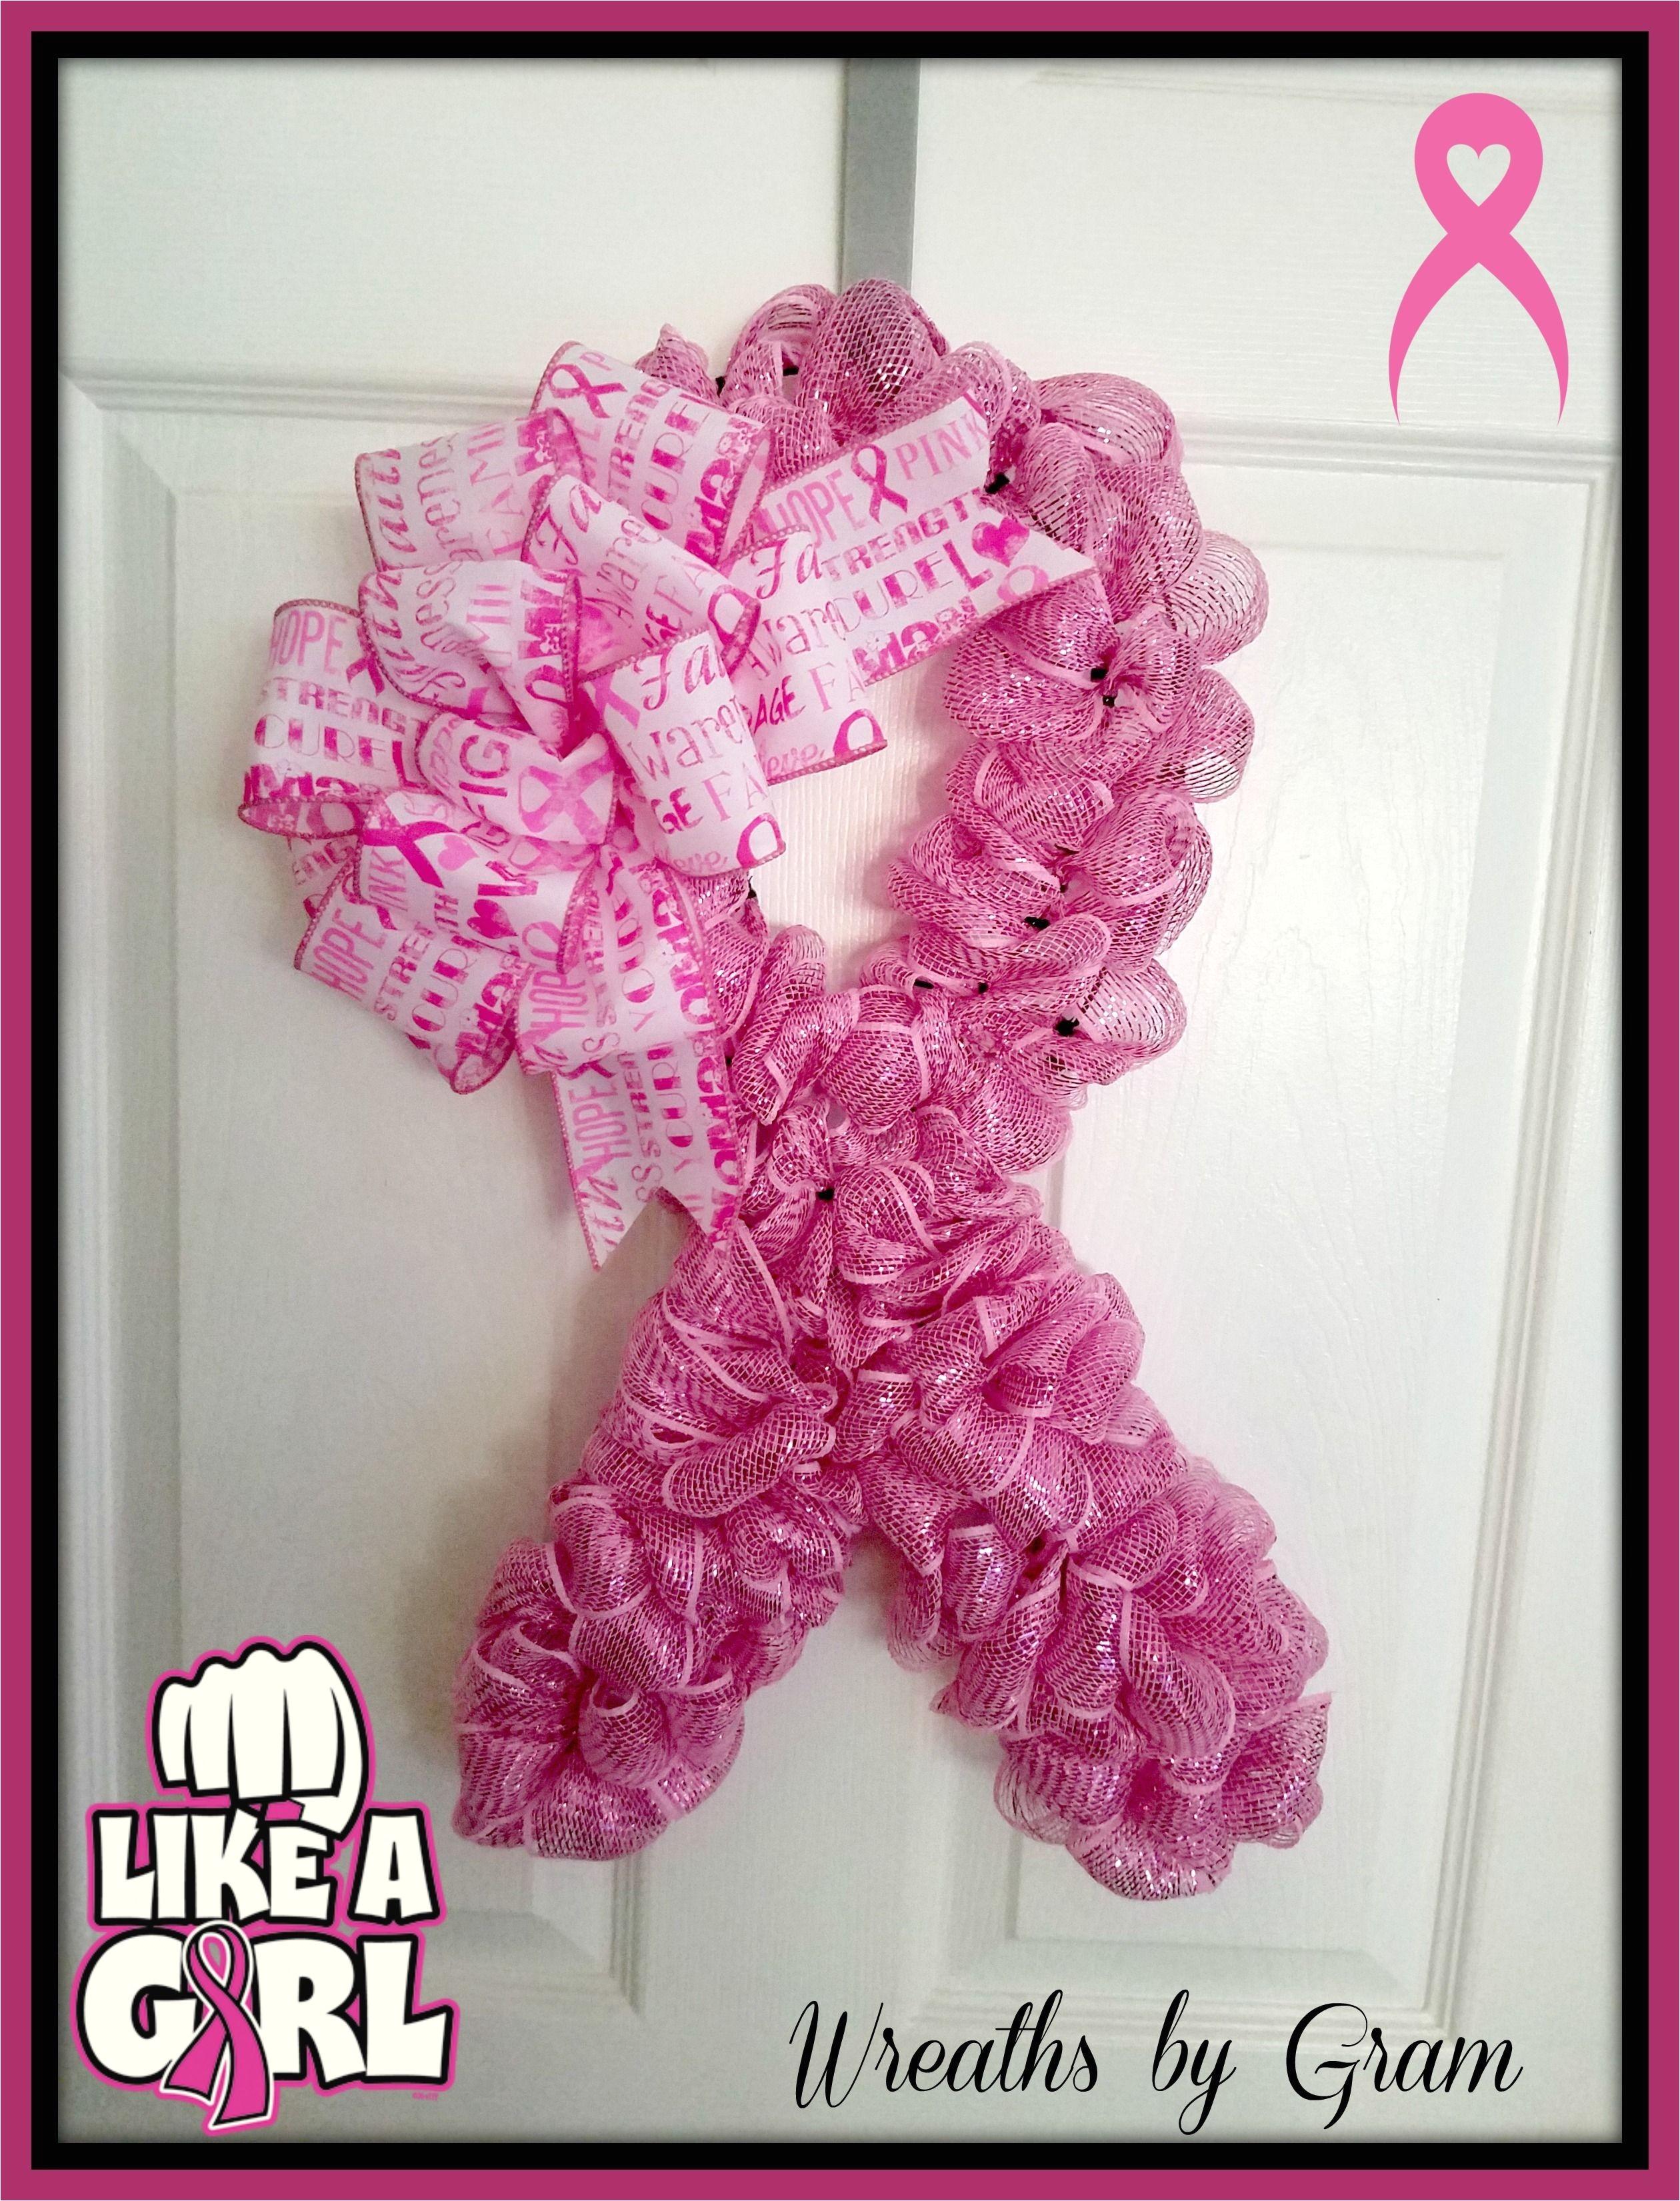 Breast Cancer Awareness Door Decorations Ideas